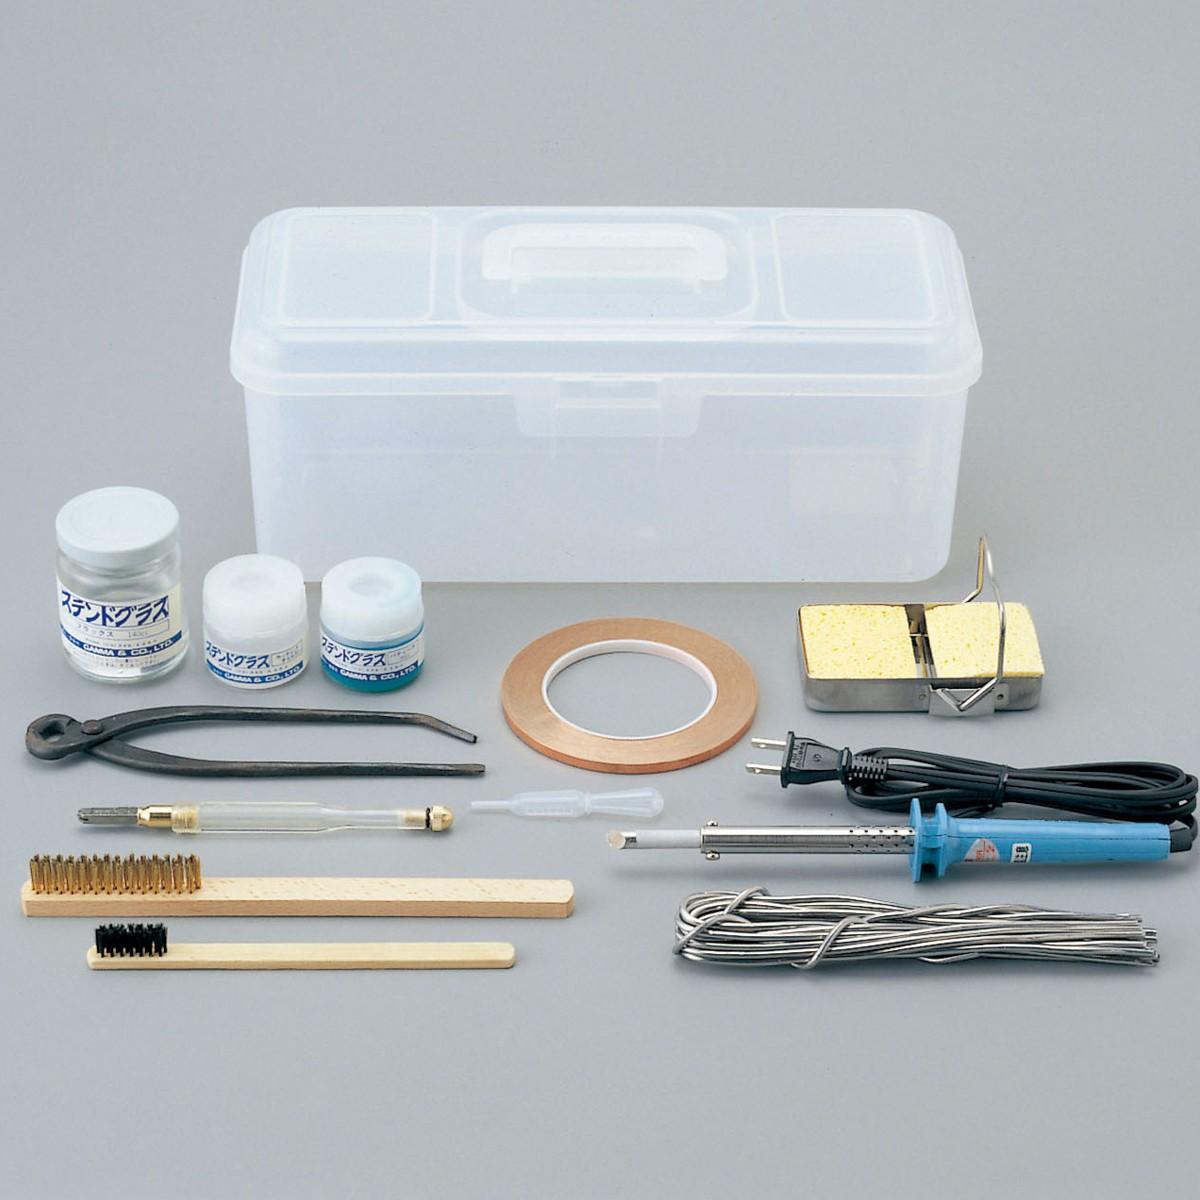 ステンドグラス工具セット Aセット 【 工芸 ステンドグラス 工具 ガラス 】